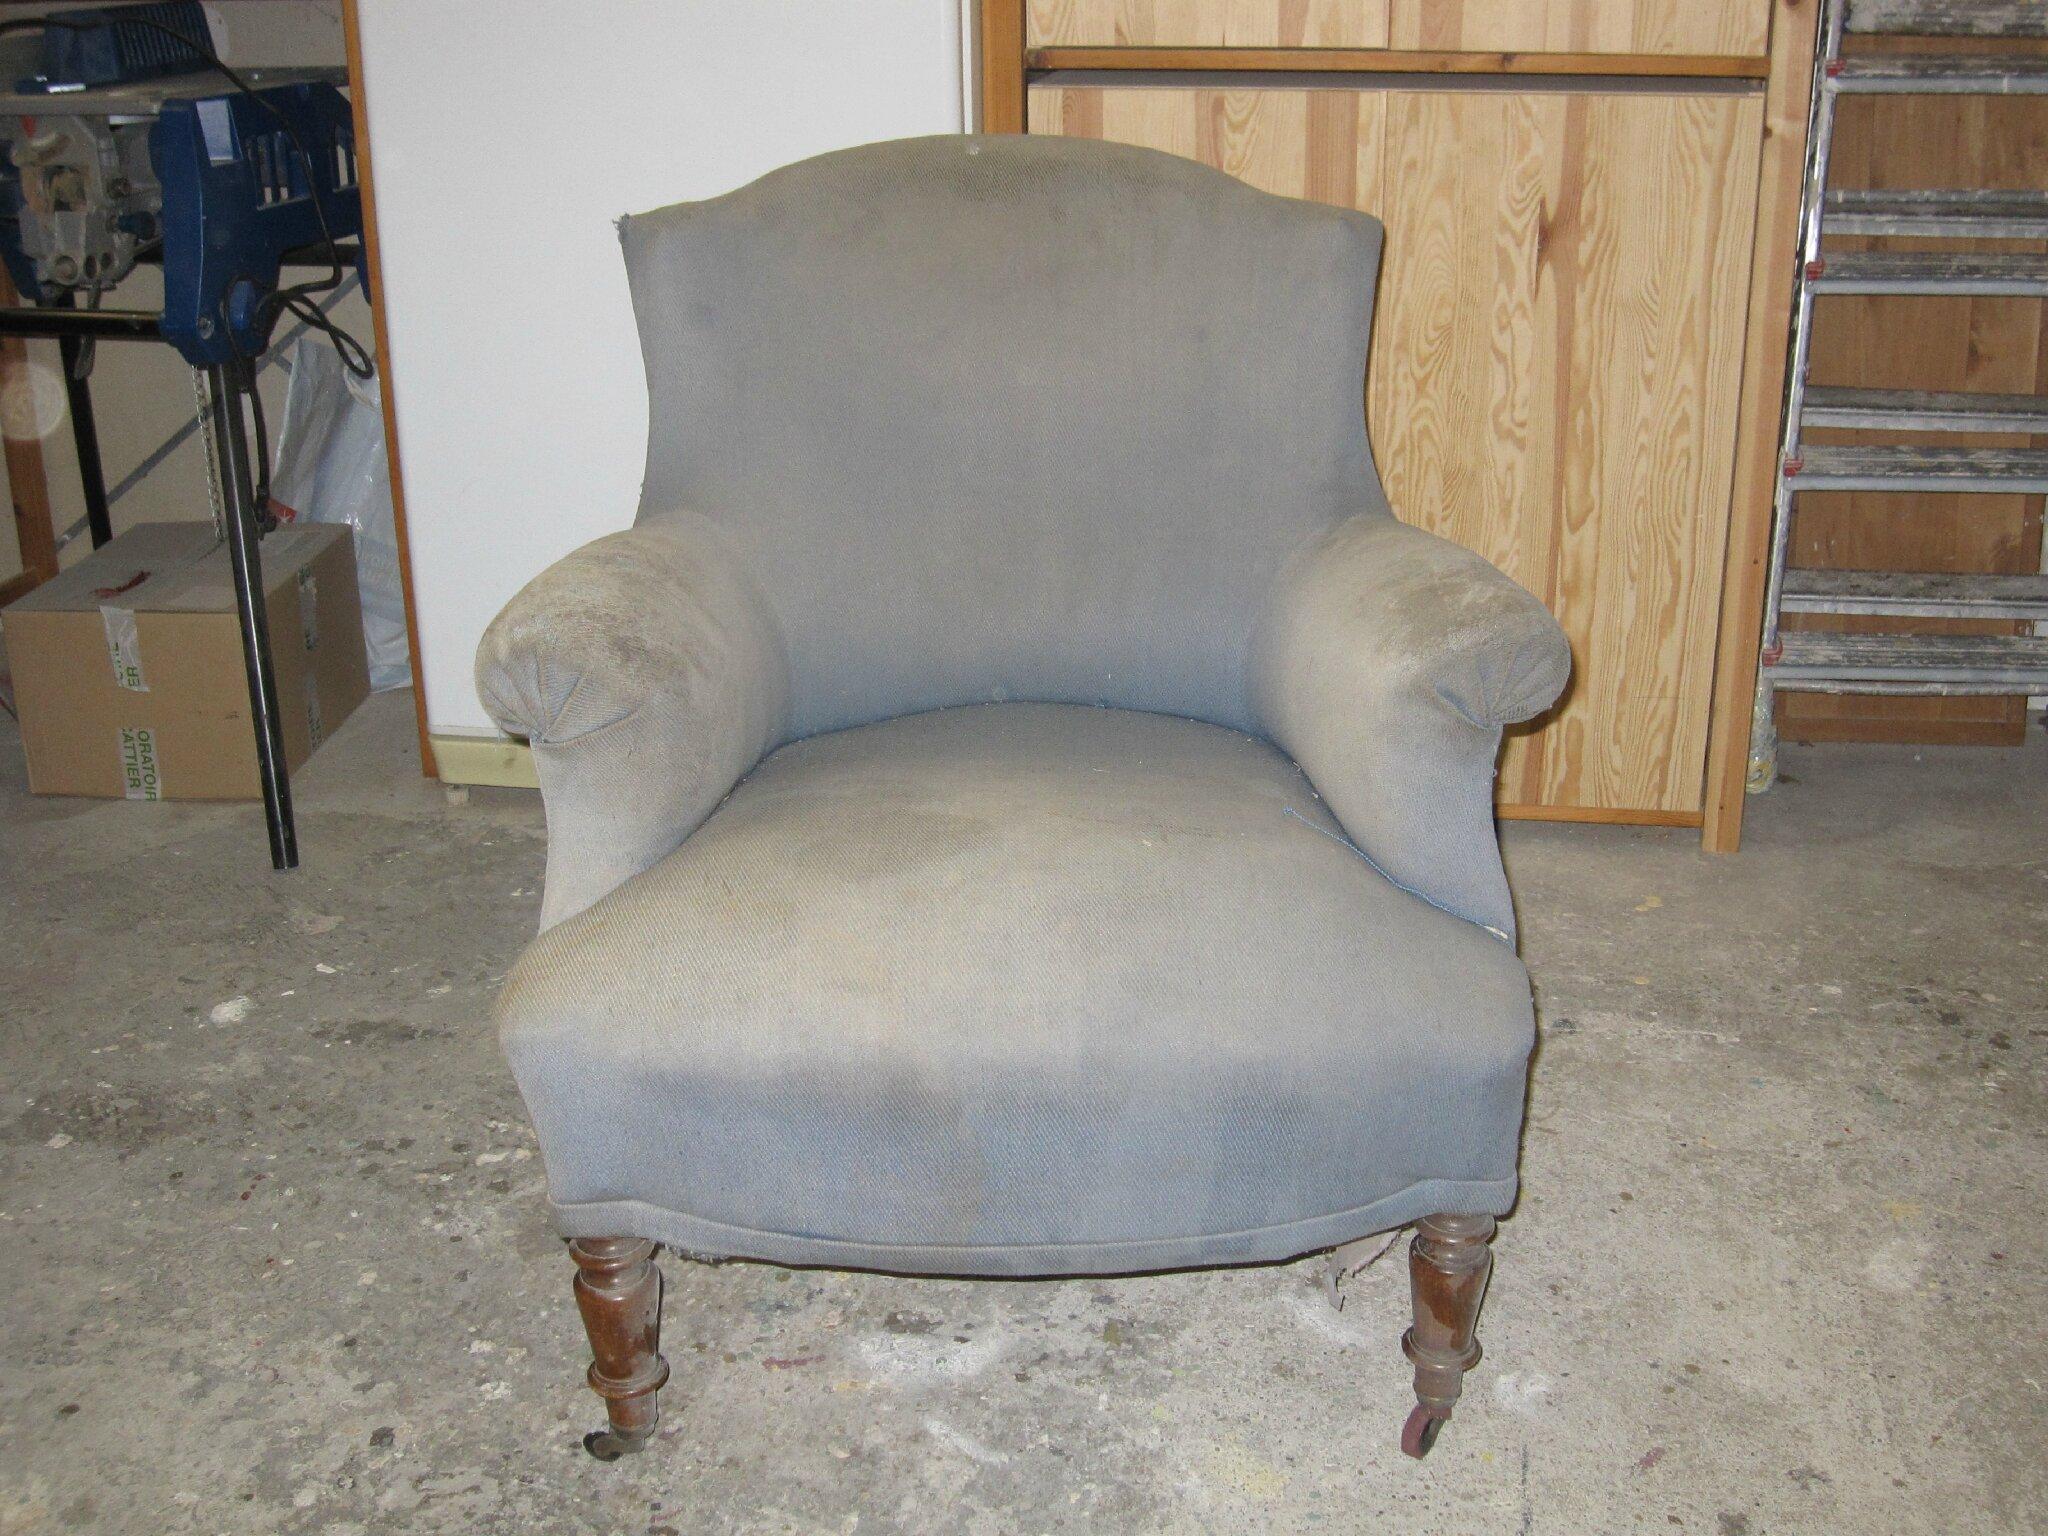 fauteuil crapaud de mr p et mme s avant apres tendance chic tapissier cr 233 ateur